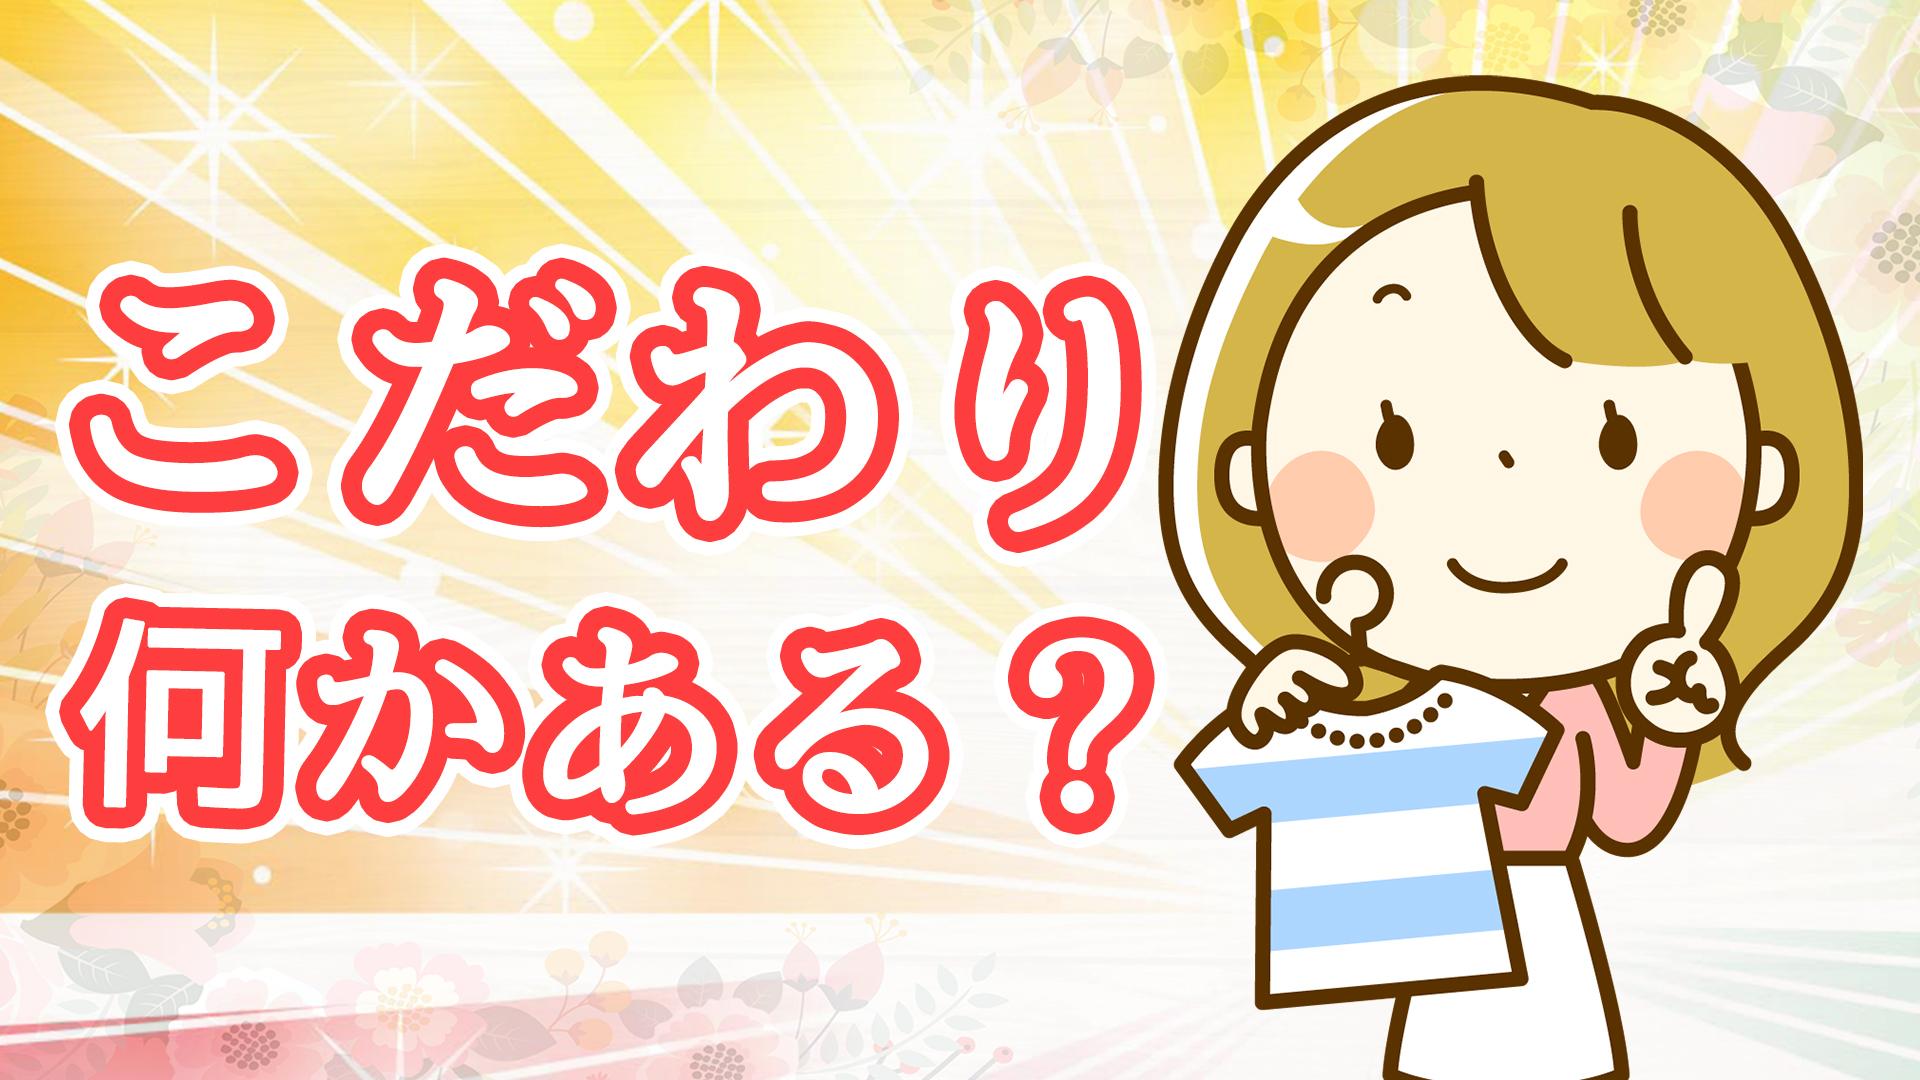 どうしてものこだわりはある? 27/50【最初のトーク術マニュアルきかっけ編】